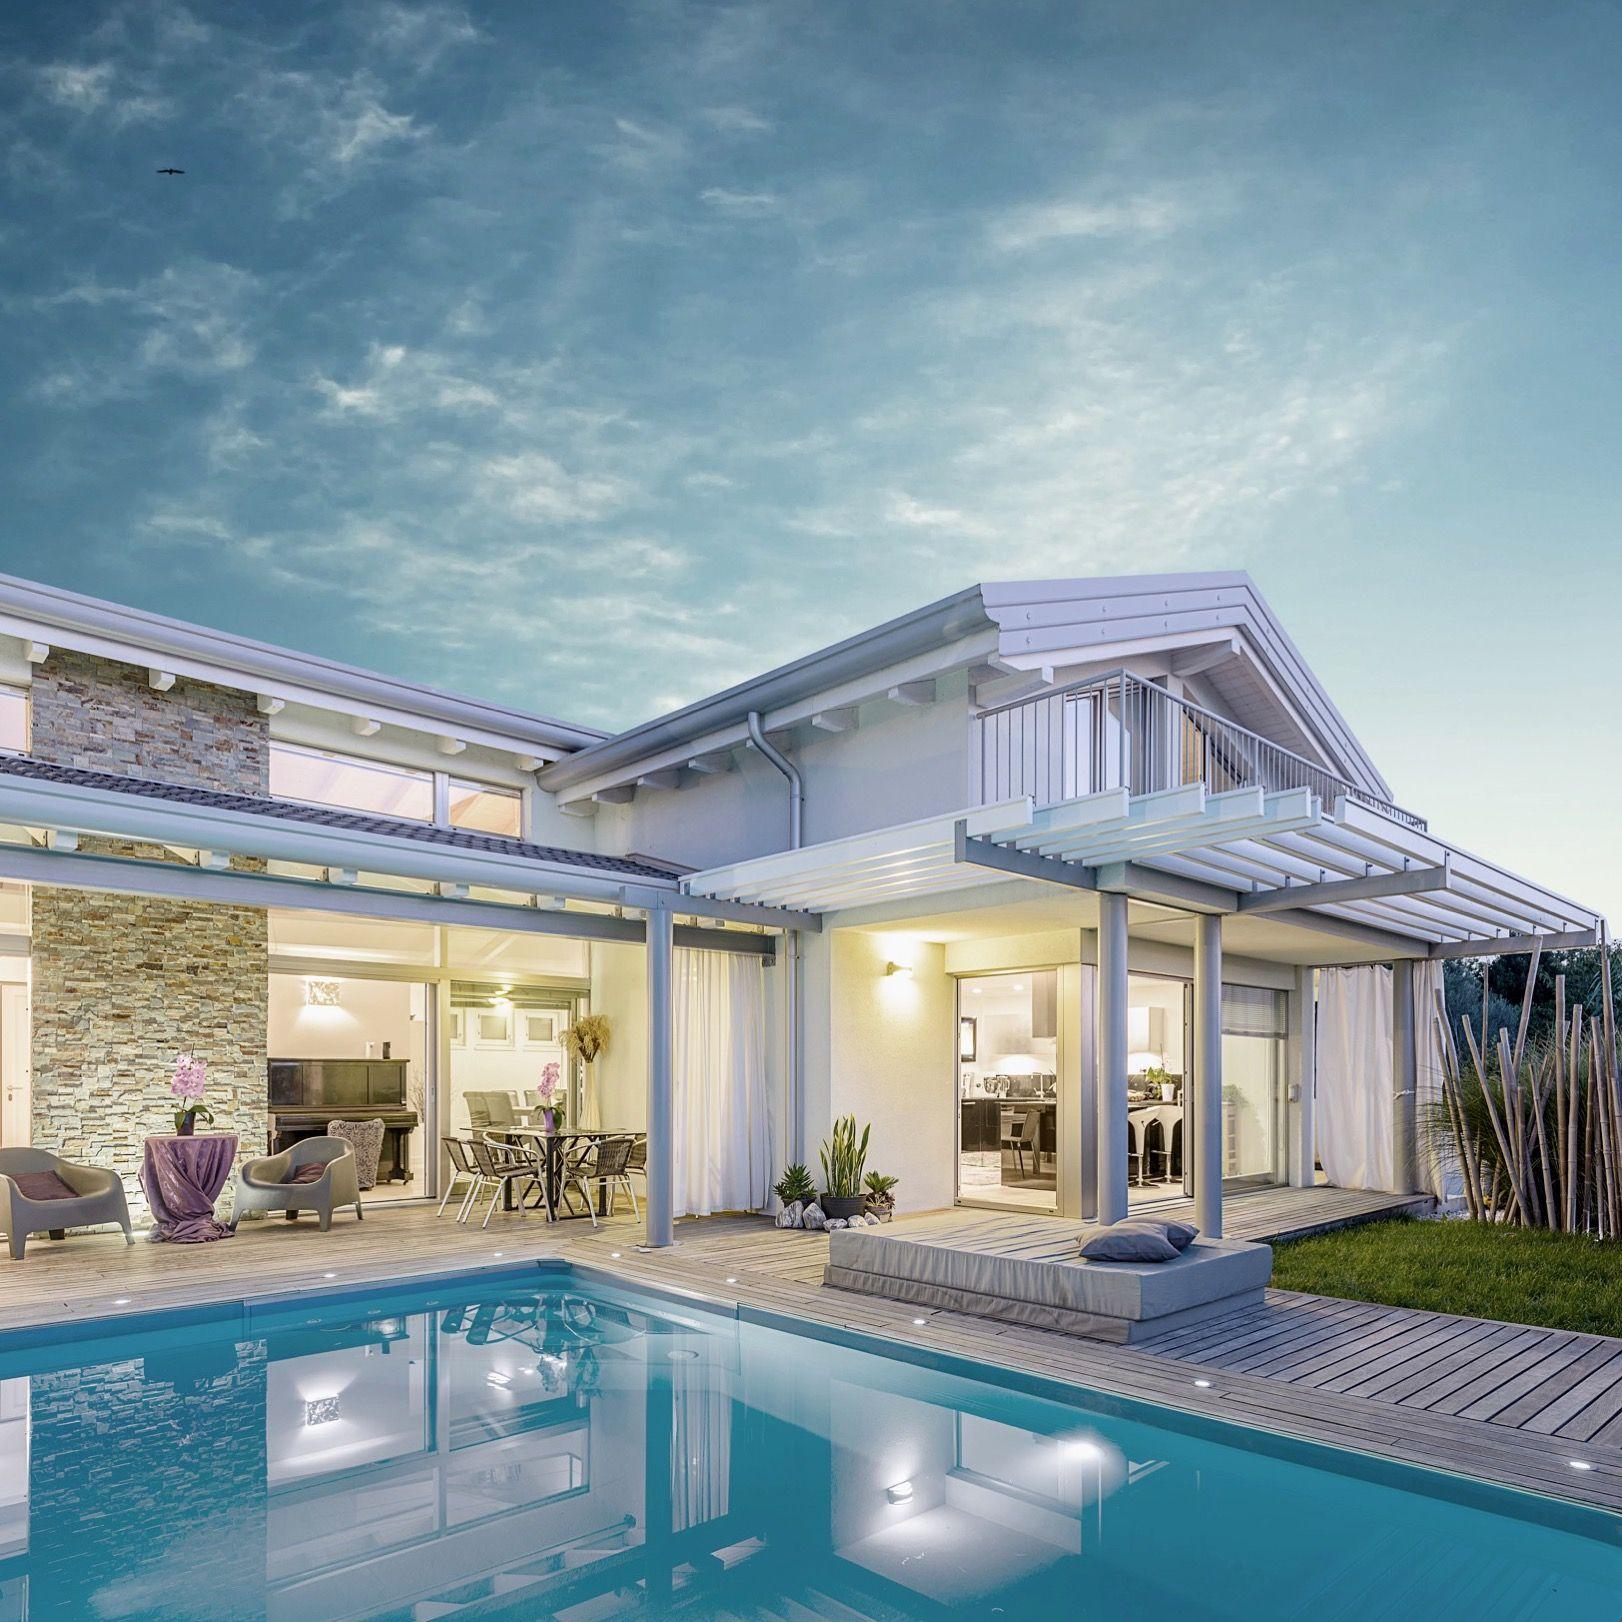 Foto Di Ville Lussuose villa di lusso #biohaus. #design #architettura #bioedilizia